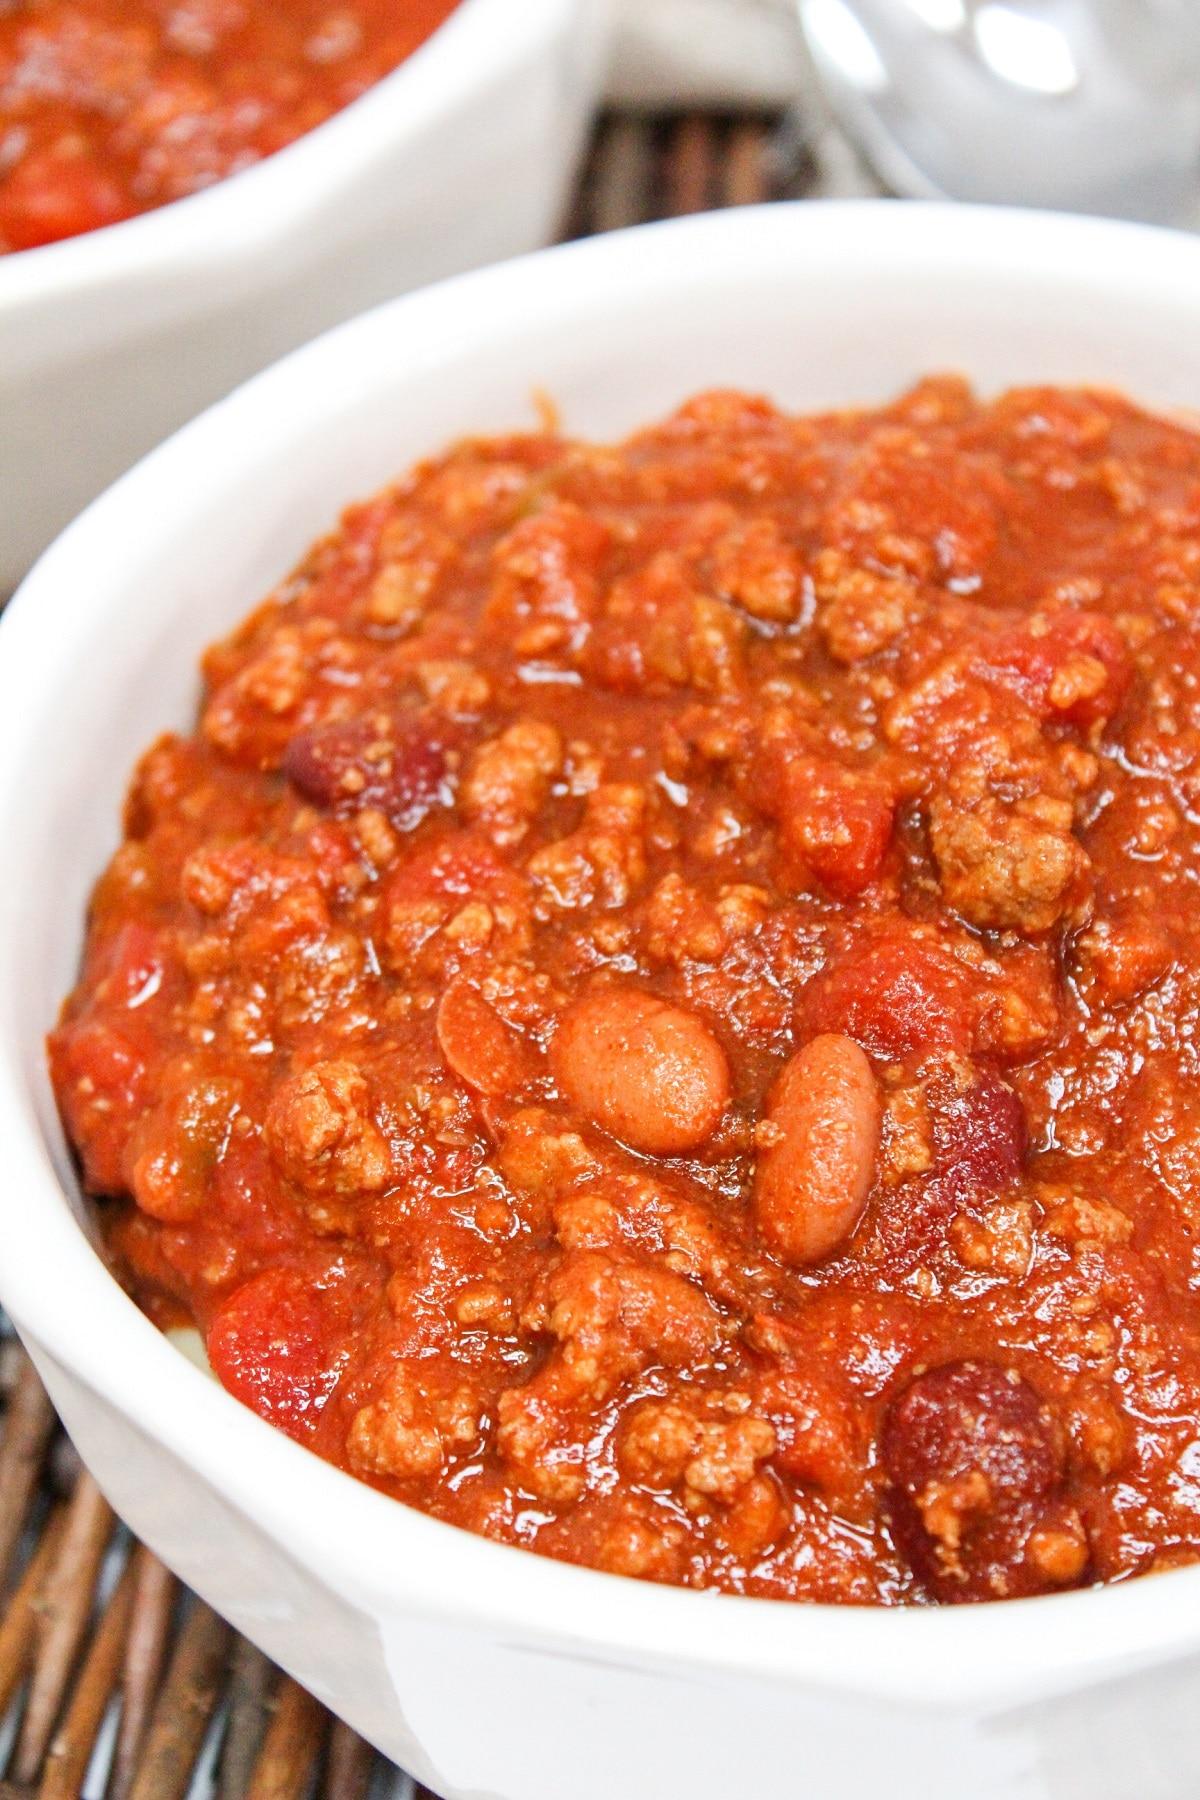 venison chili in a white bowl